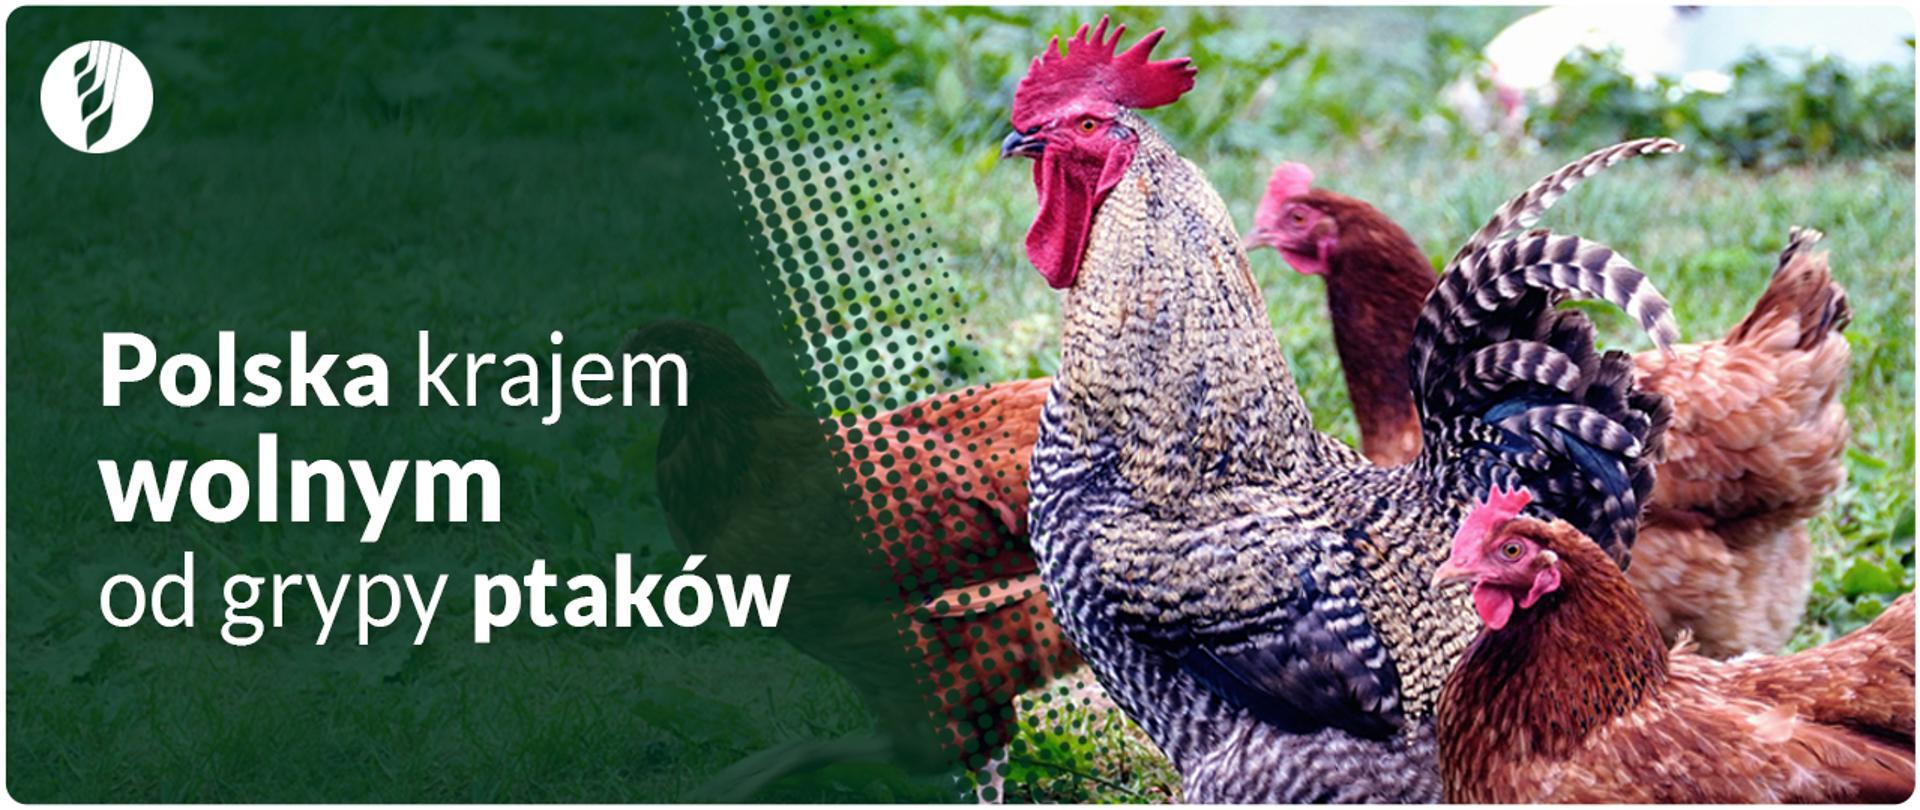 Polska krajem wolnym od grypy ptaków